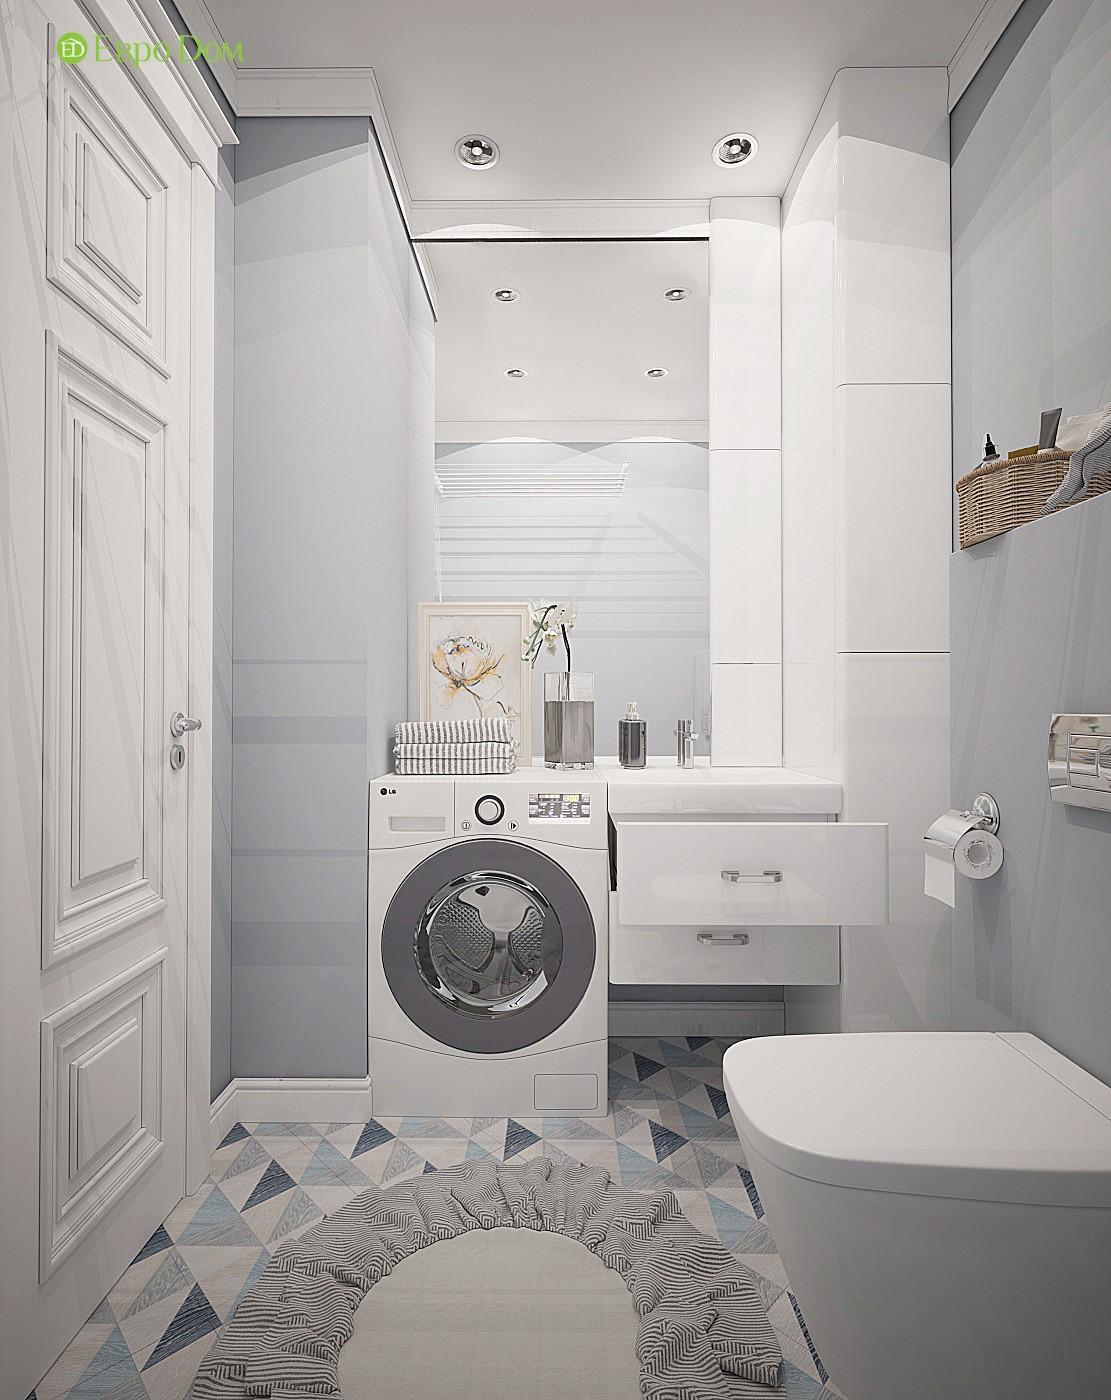 Современный дизайн санузла в трехкомнатной квартире